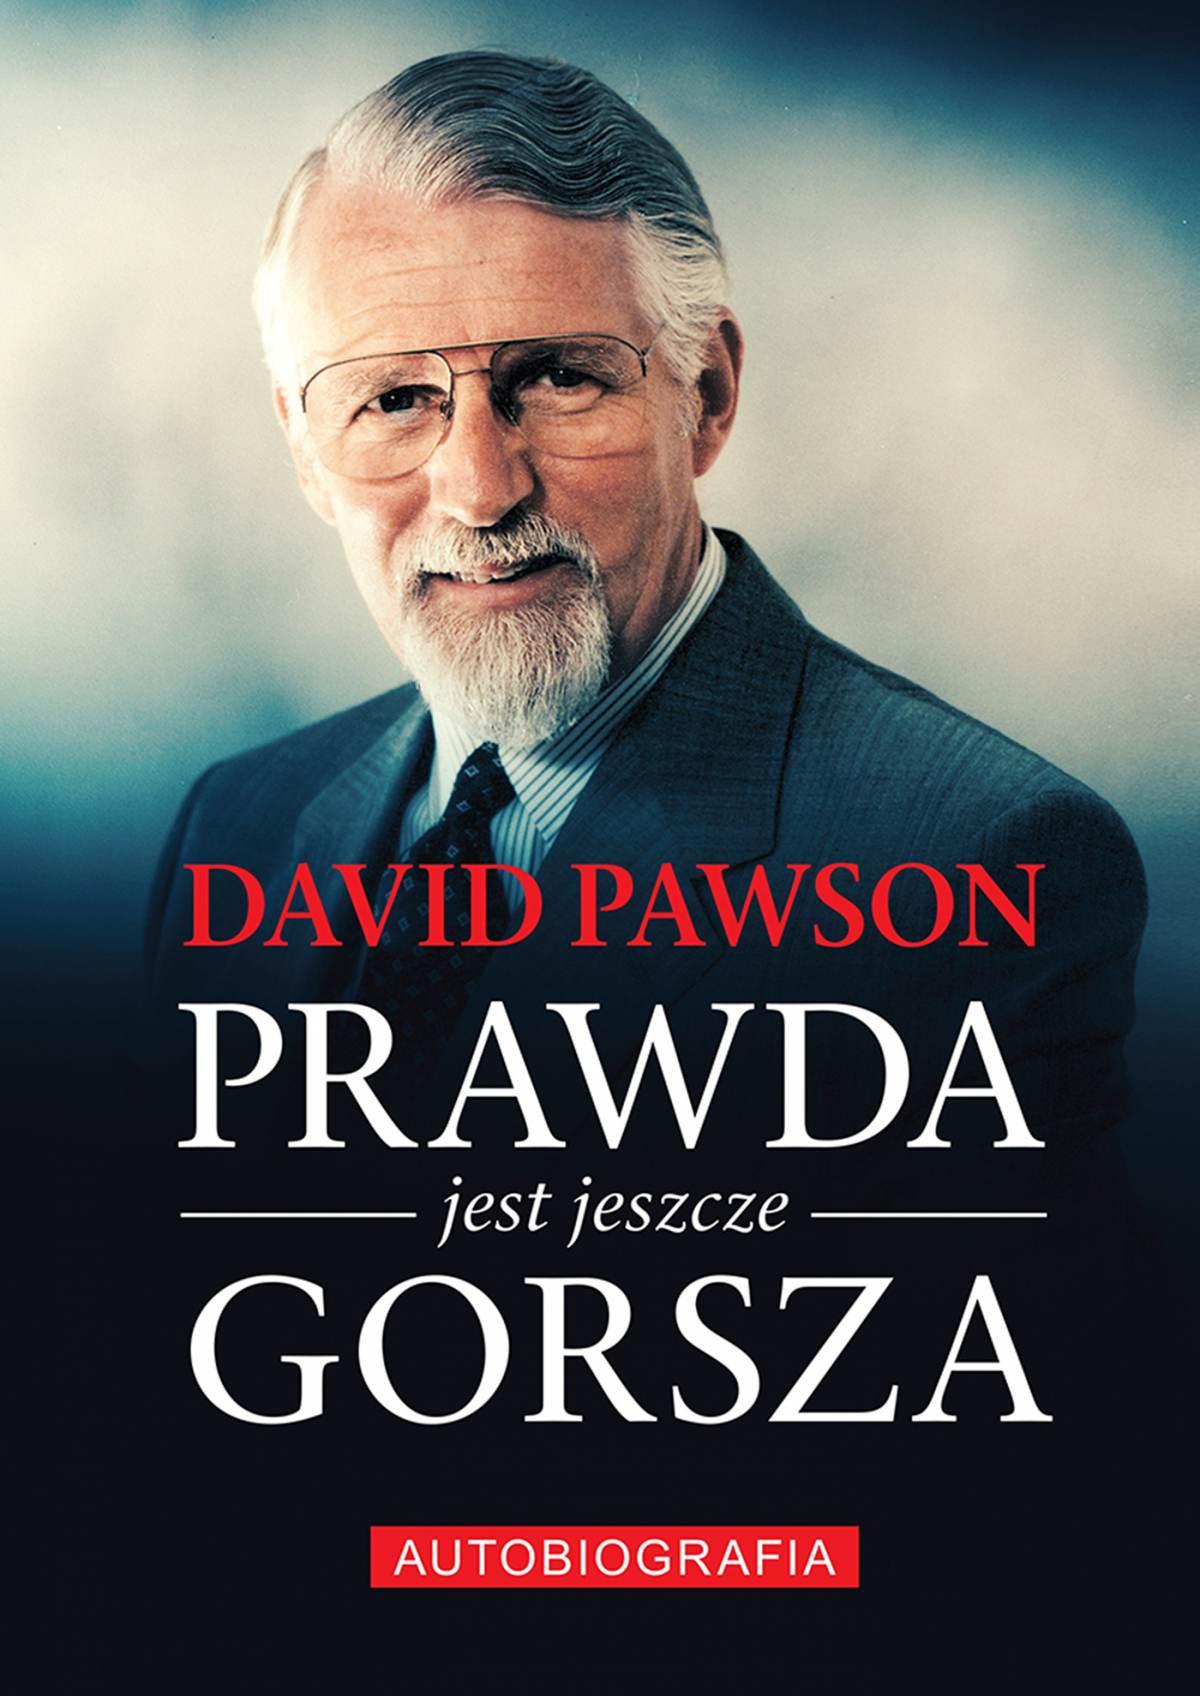 Prawda jest jeszcze gorsza David Pawson Biografia - Ebook (Książka na Kindle) do pobrania w formacie MOBI